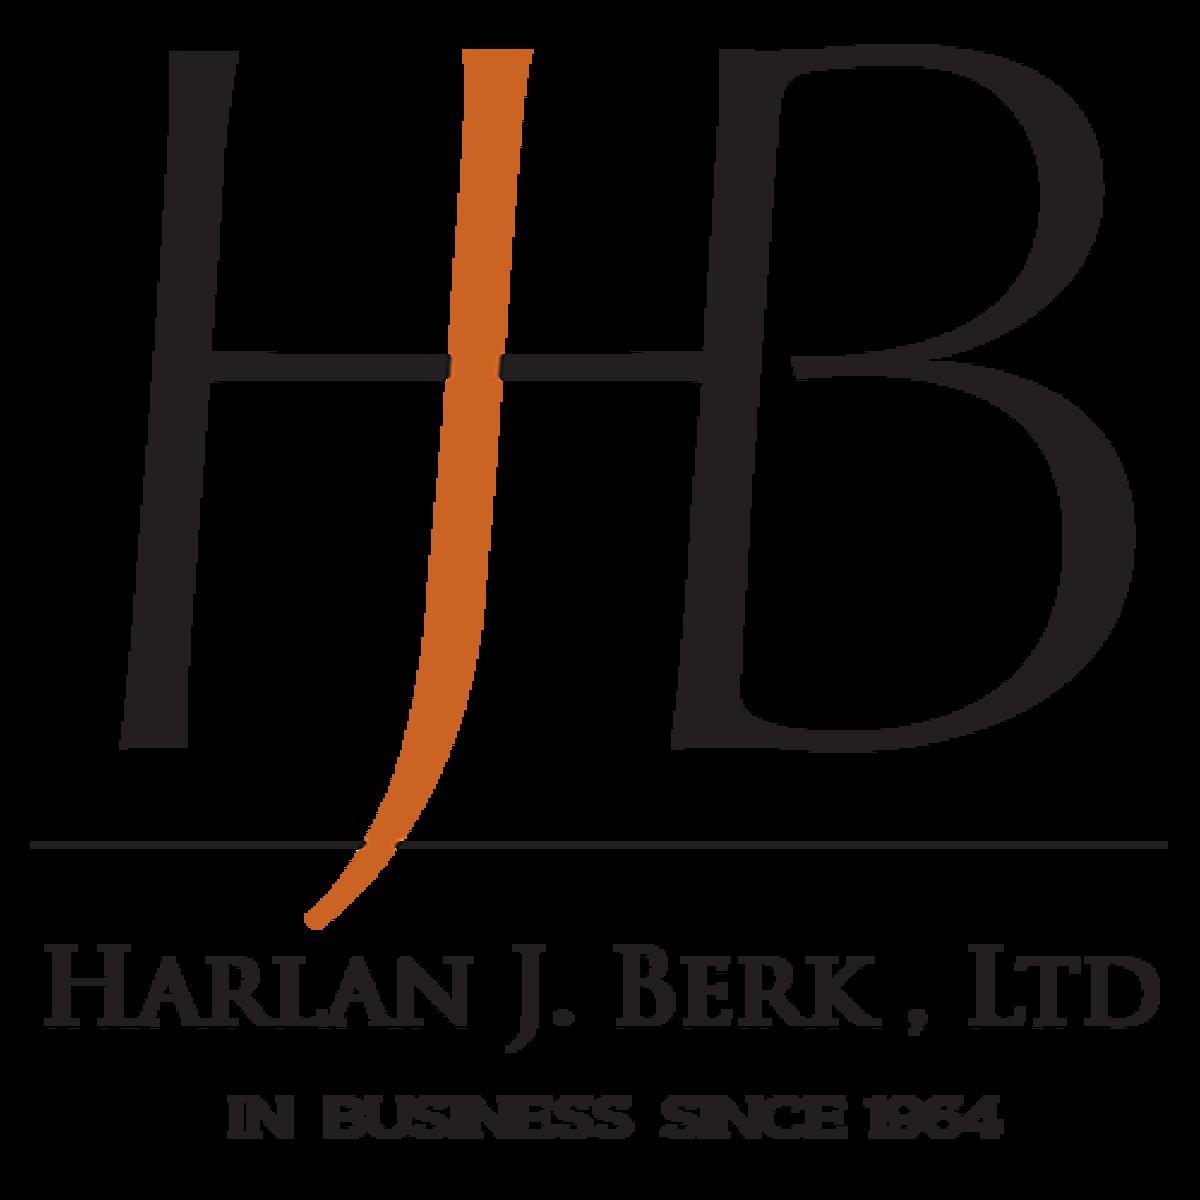 HJB Logo 1964 Small Vertical